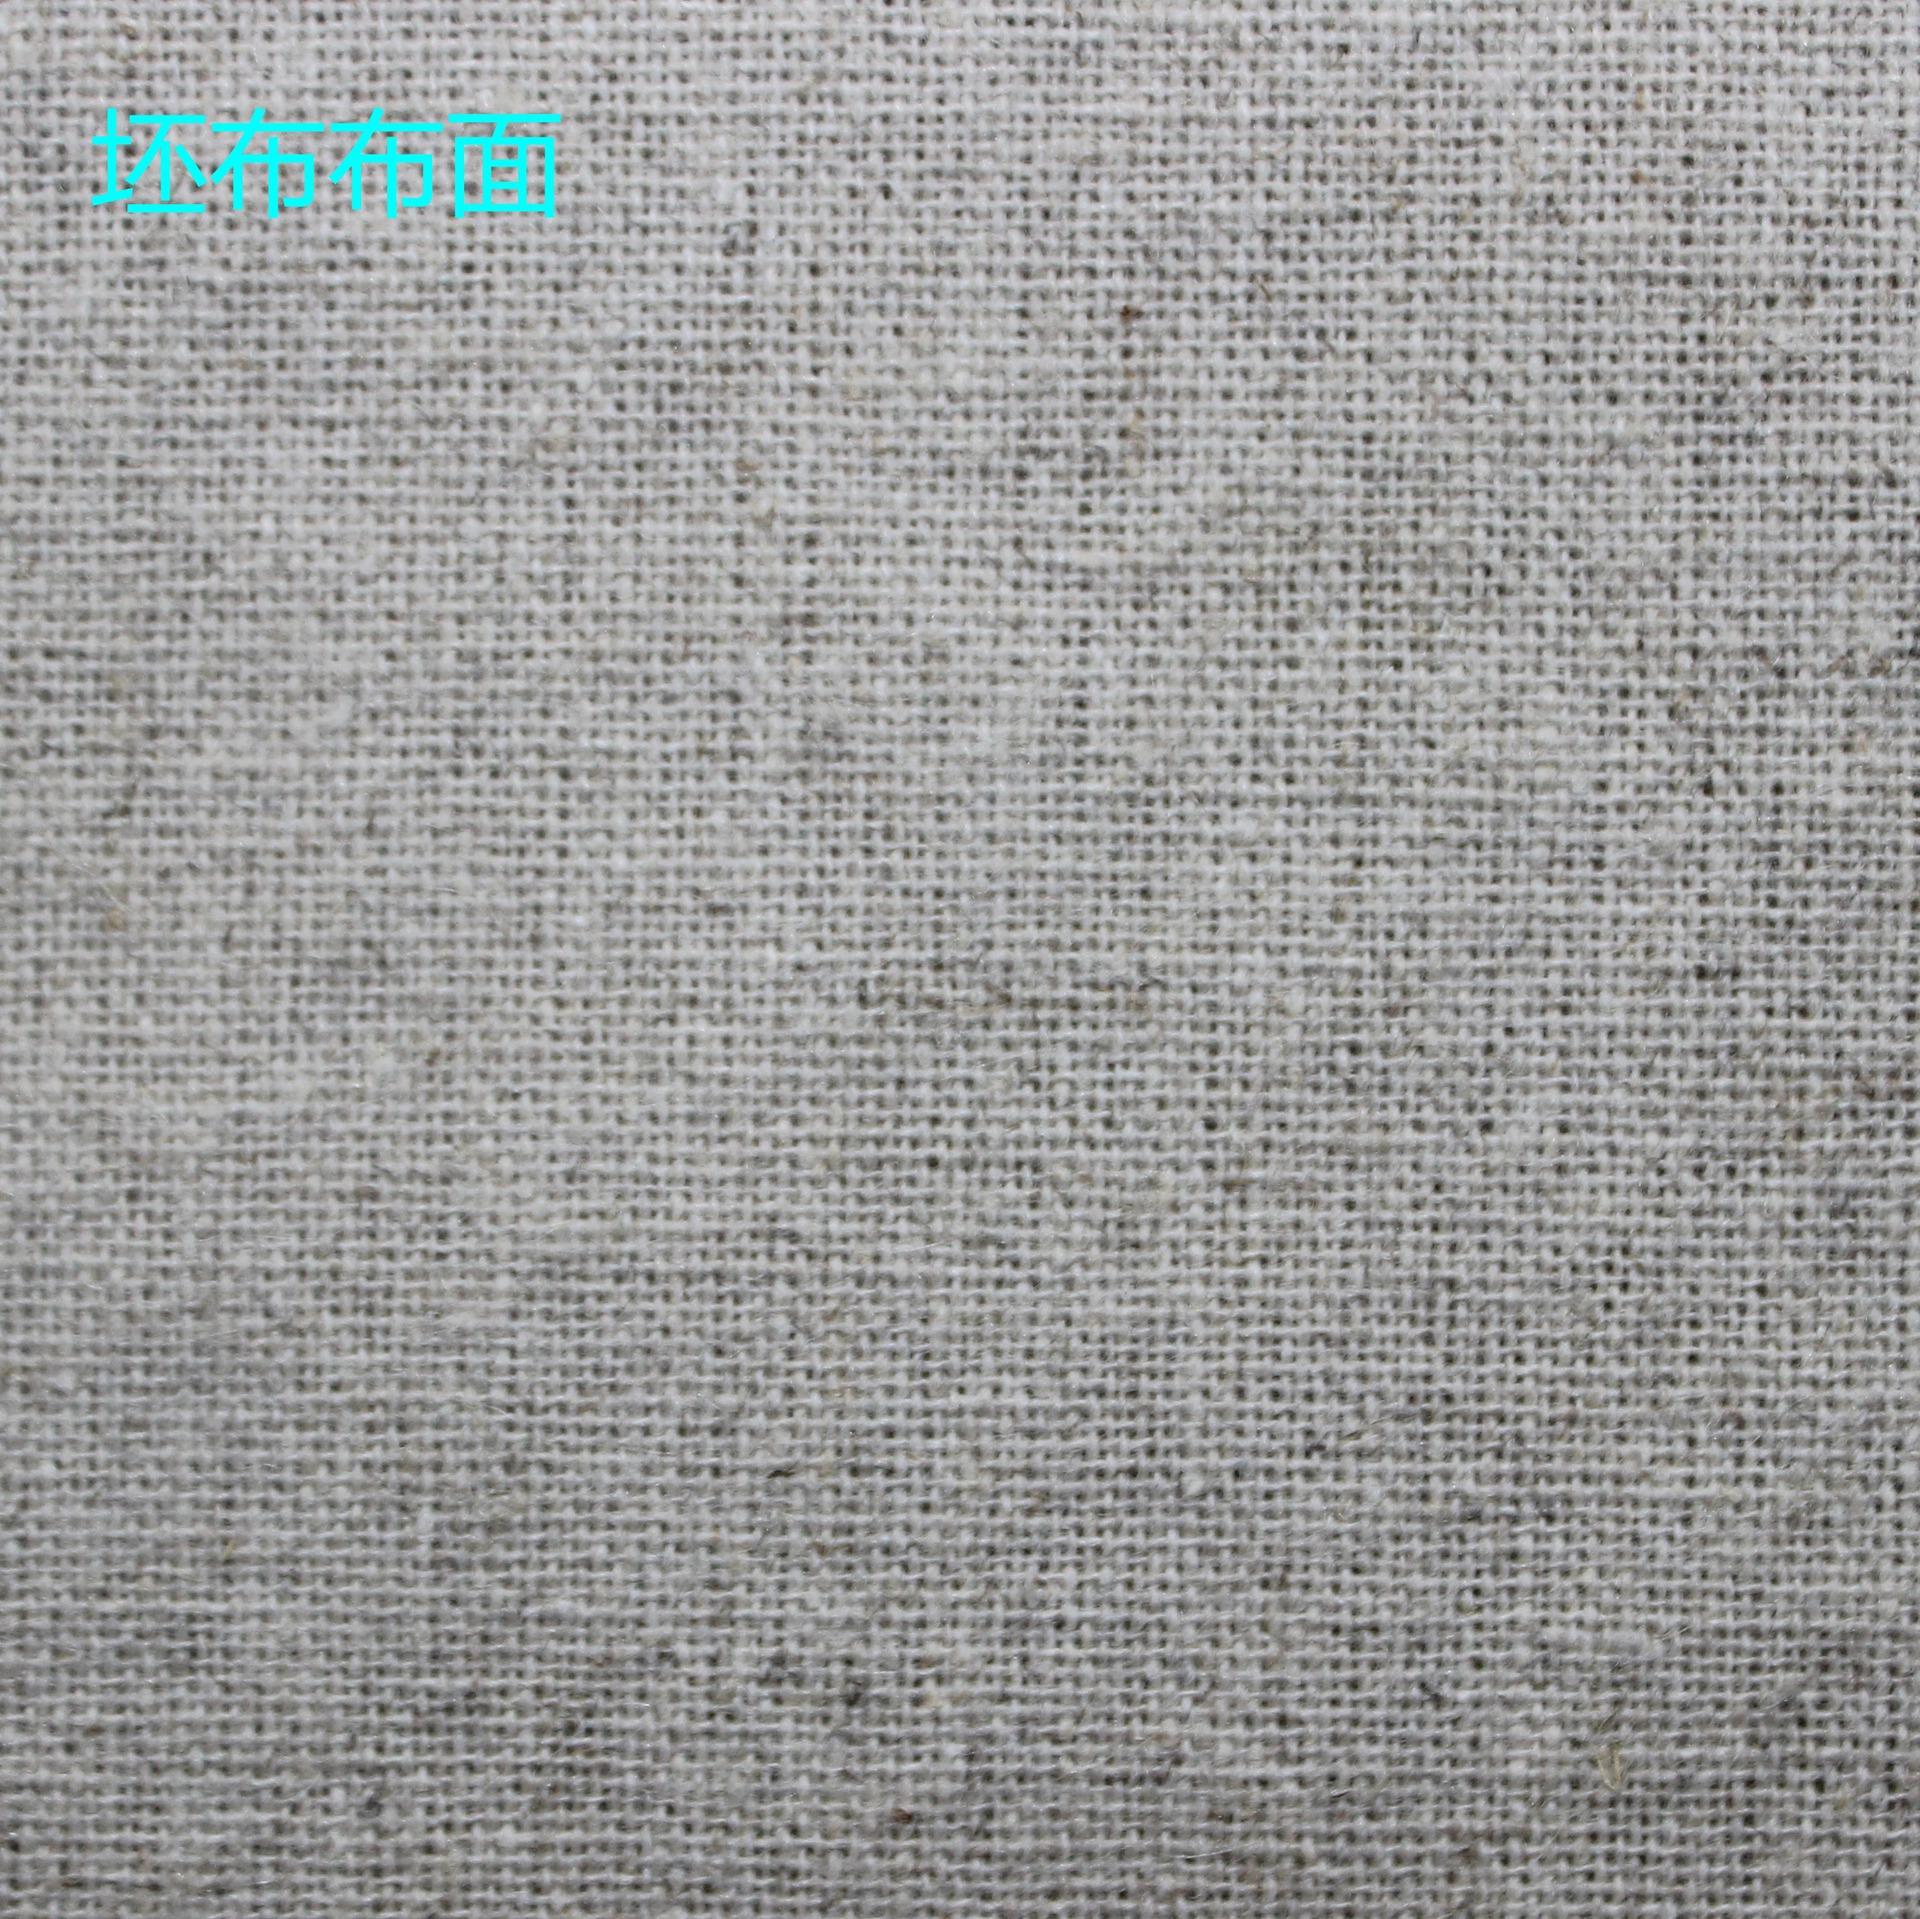 Vải mộc pha 8 miếng vải lanh cotton, vải lanh pha cotton màu xám, vải quần áo màu, quần vải thời tra